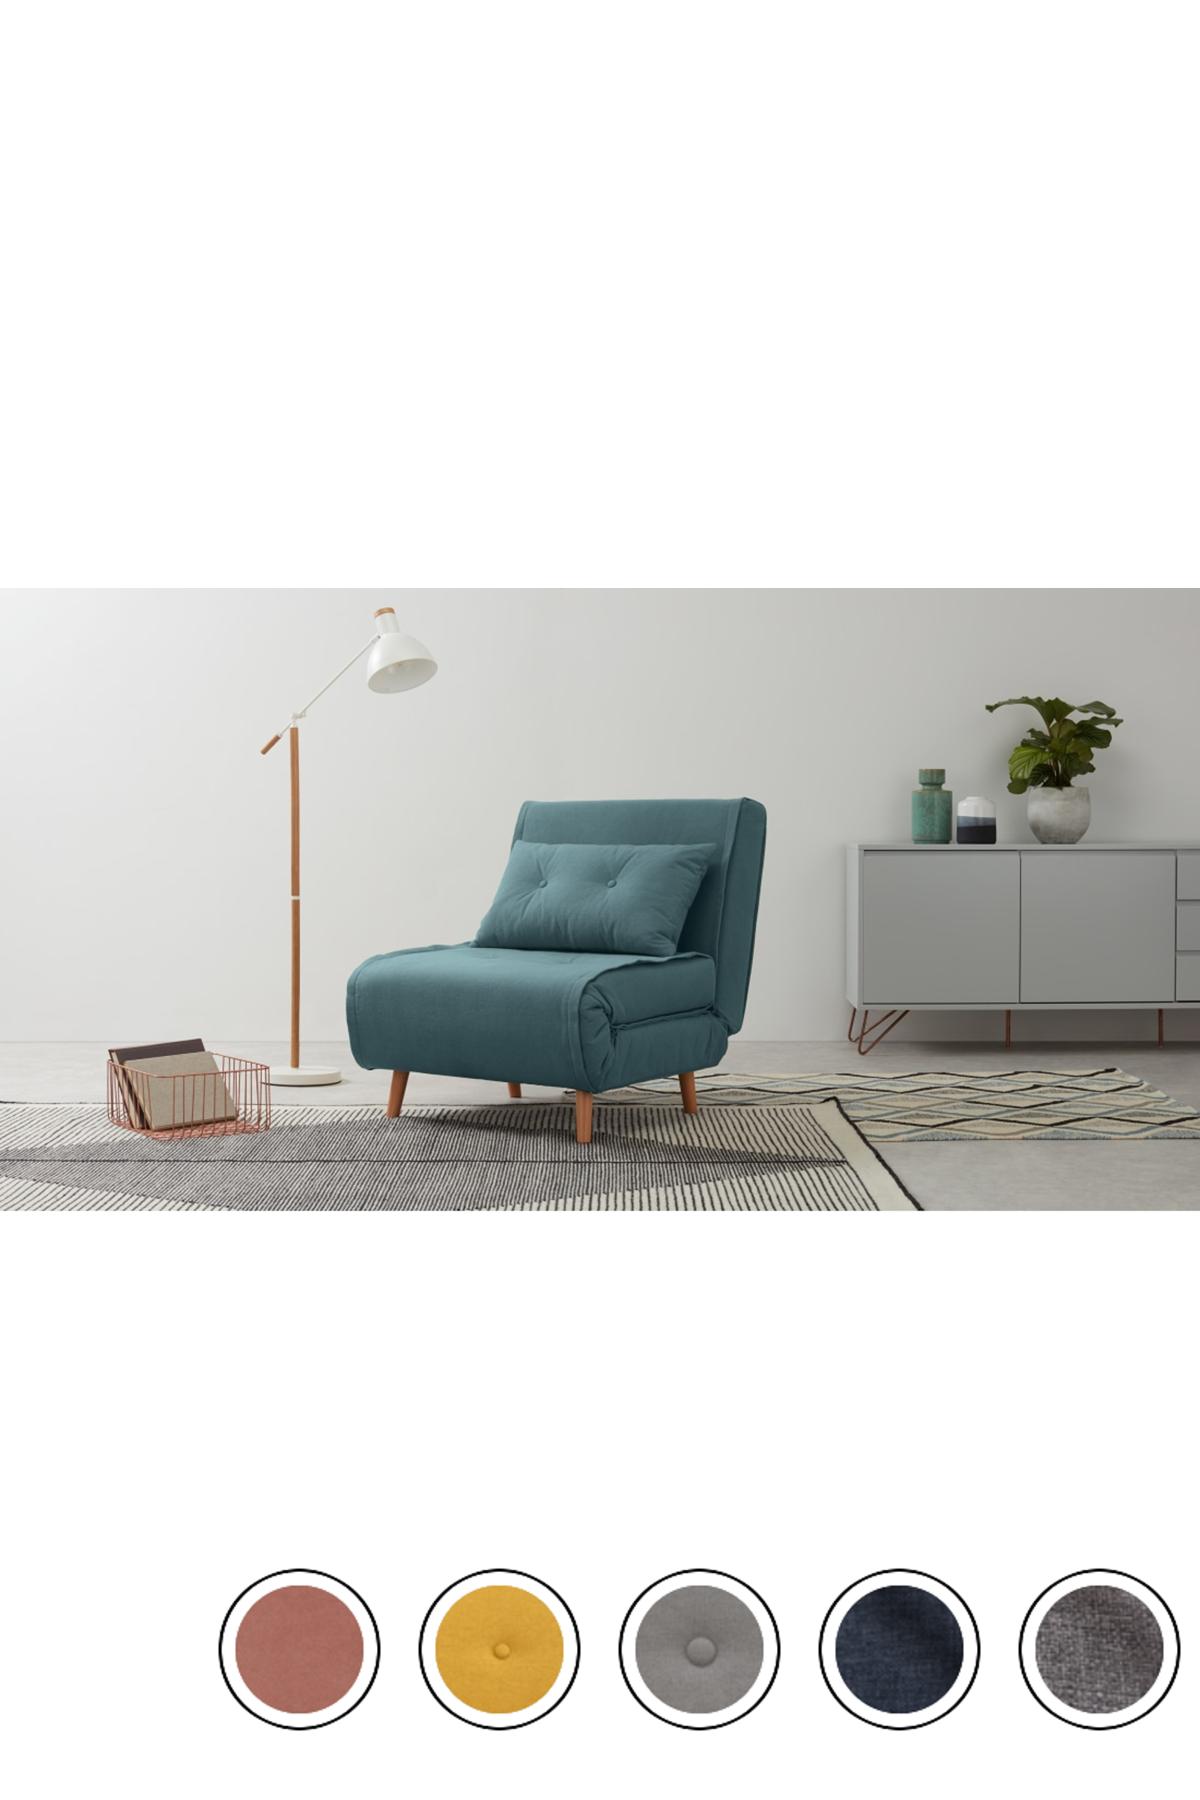 Haru Single Sofa Bed Sherbet Blue Single Sofa Small Sofa Bed Furniture